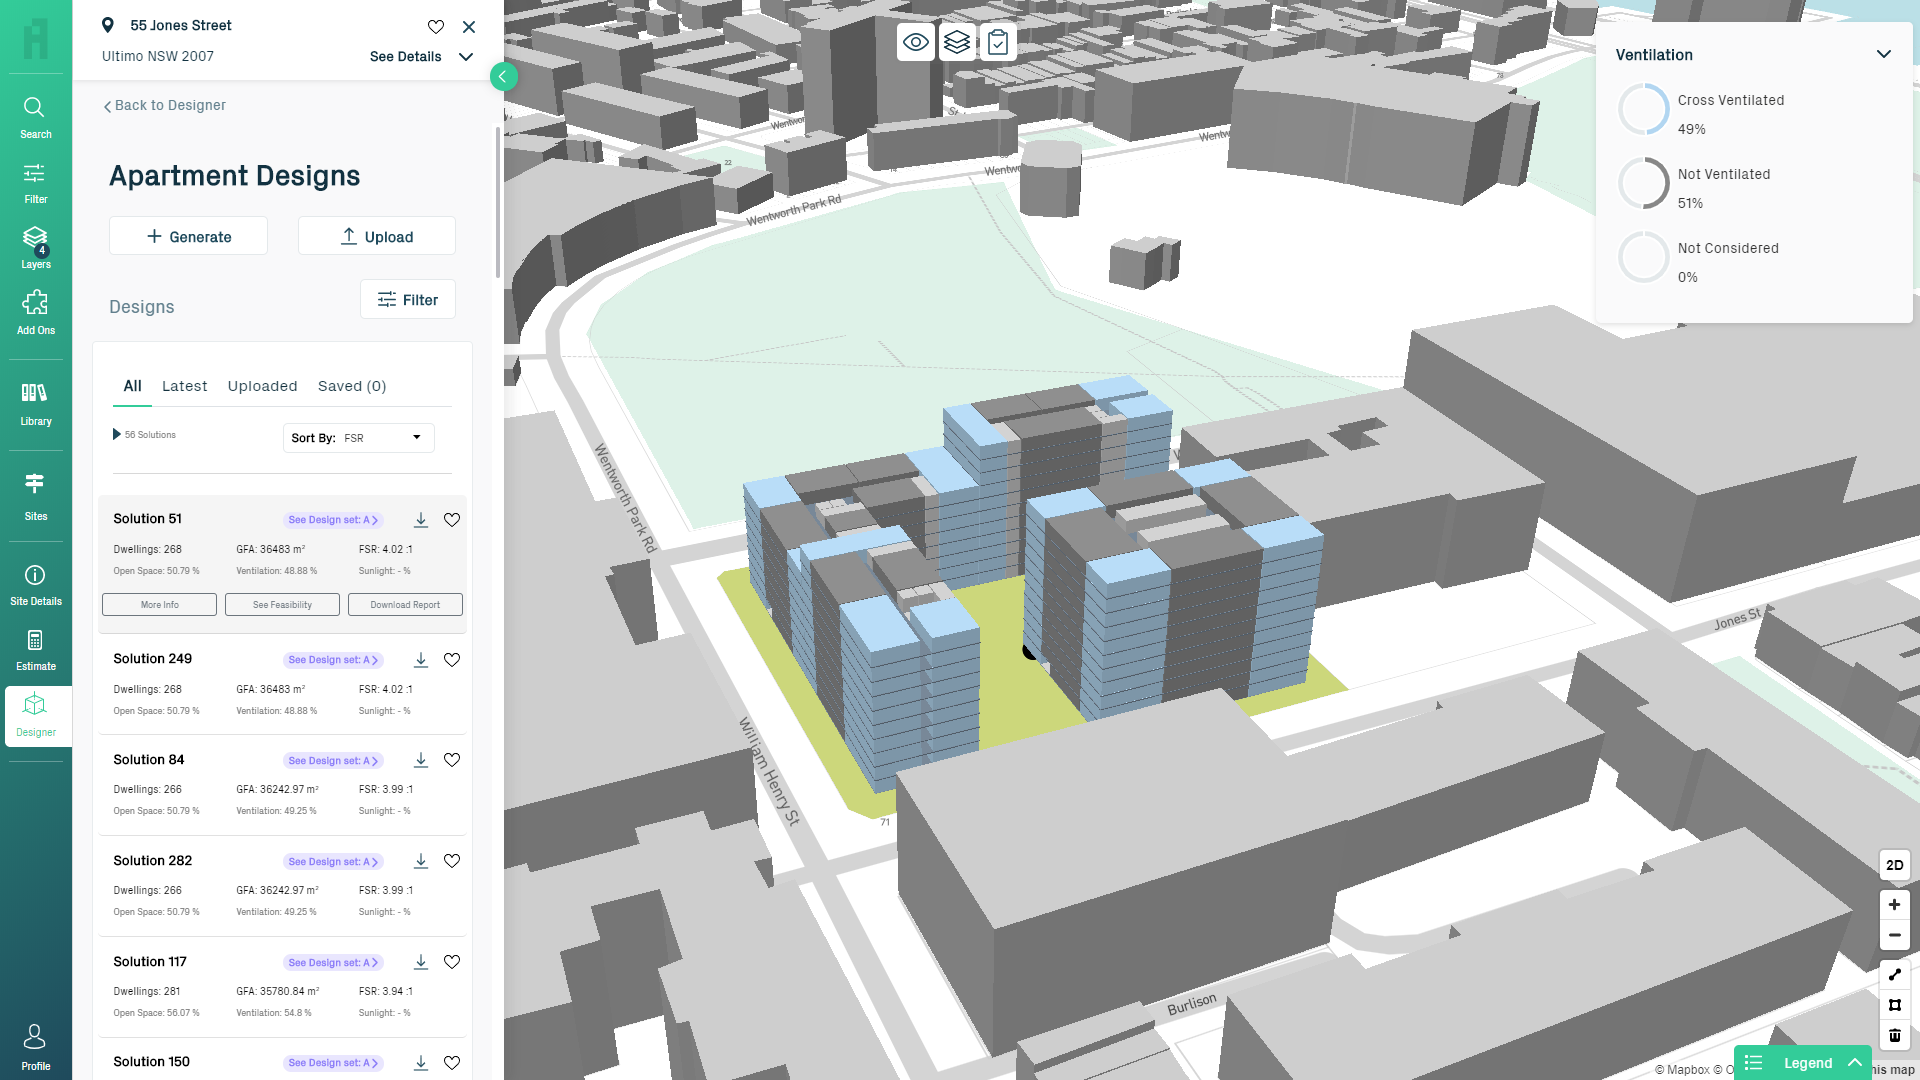 Screenshot of Archistar 3D image depicting ventilation assessment.